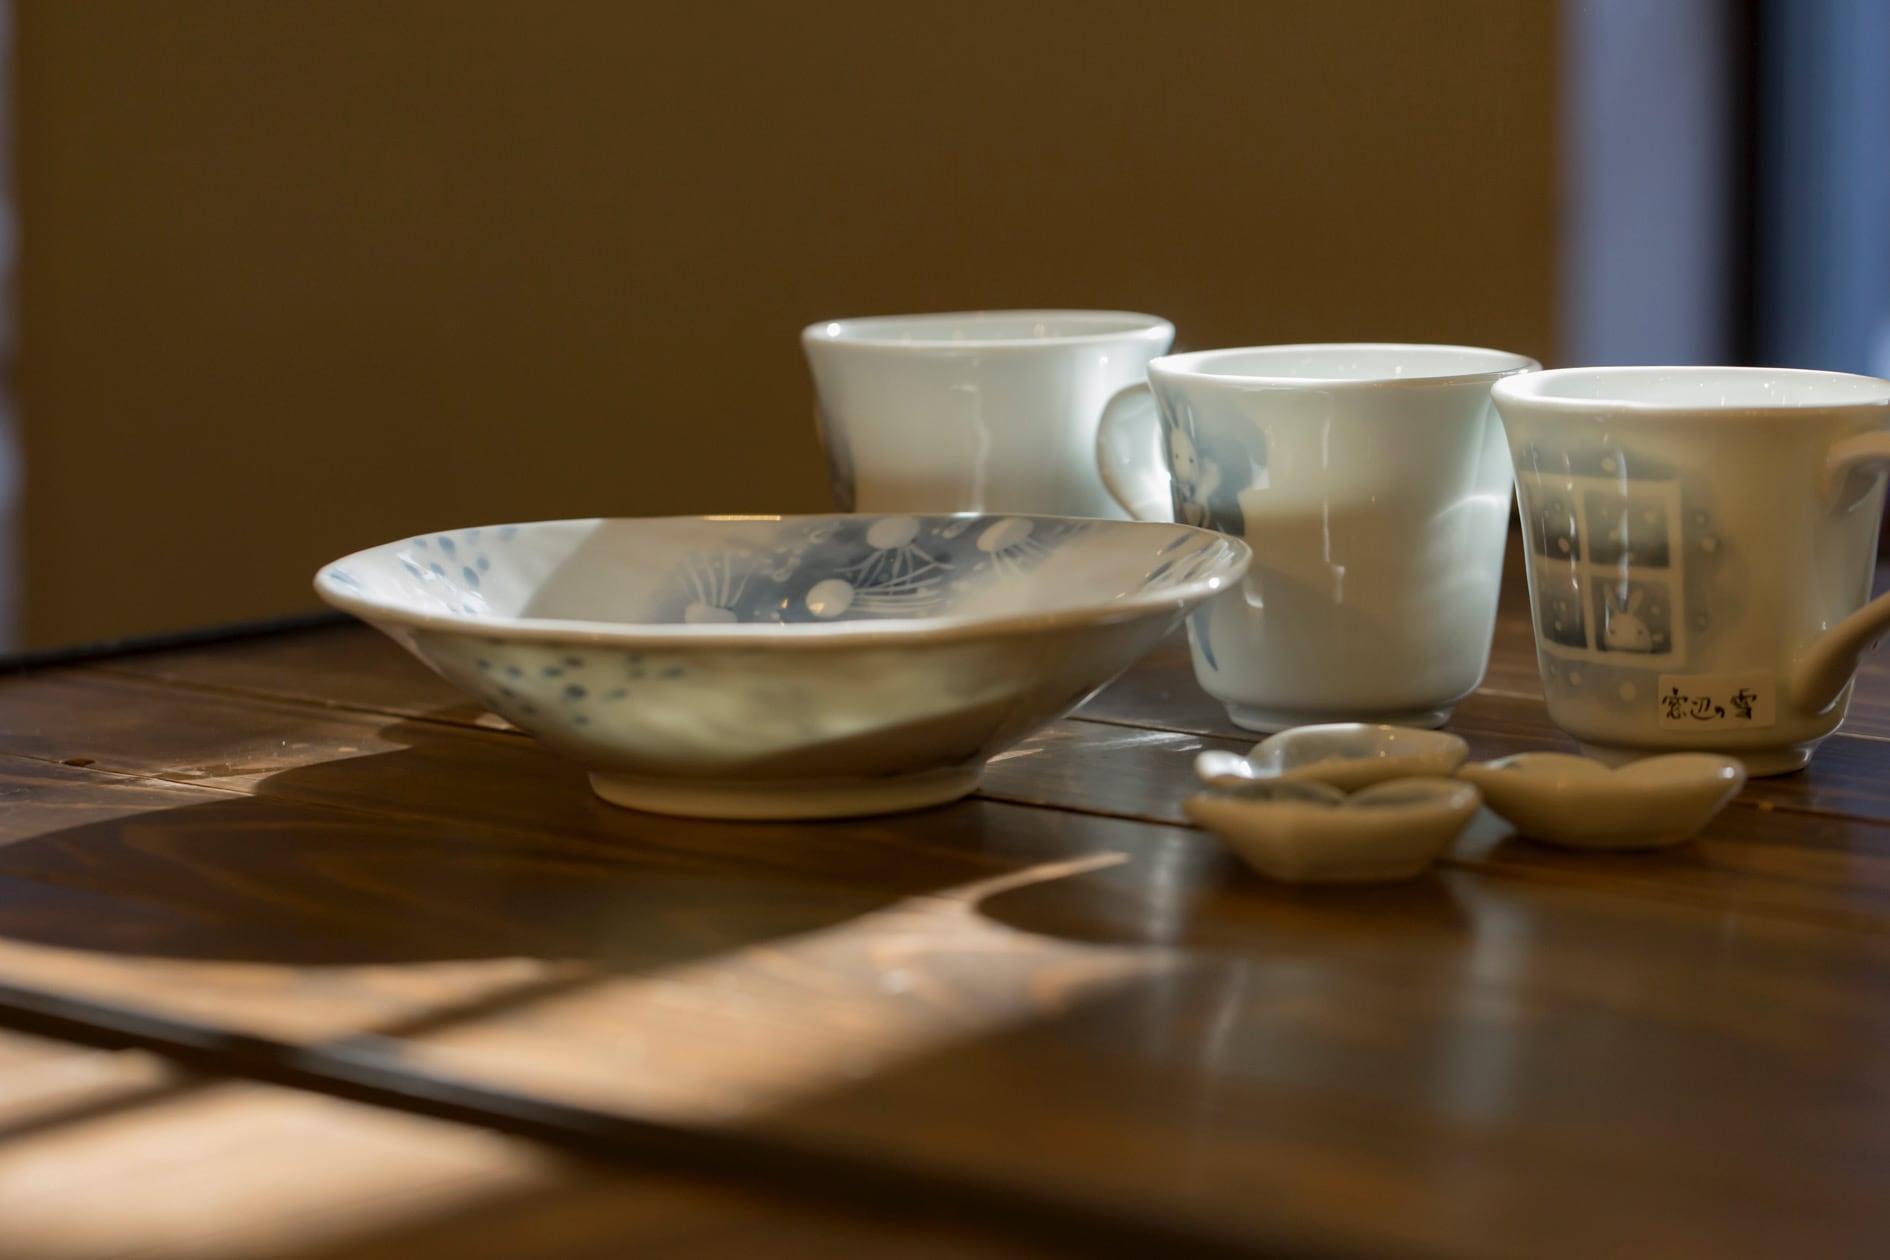 黒羽陶工房の器(箸置き・マグカップ・深皿),北海道札幌市の作家の器,吉祥柄のうさぎが描かれた器